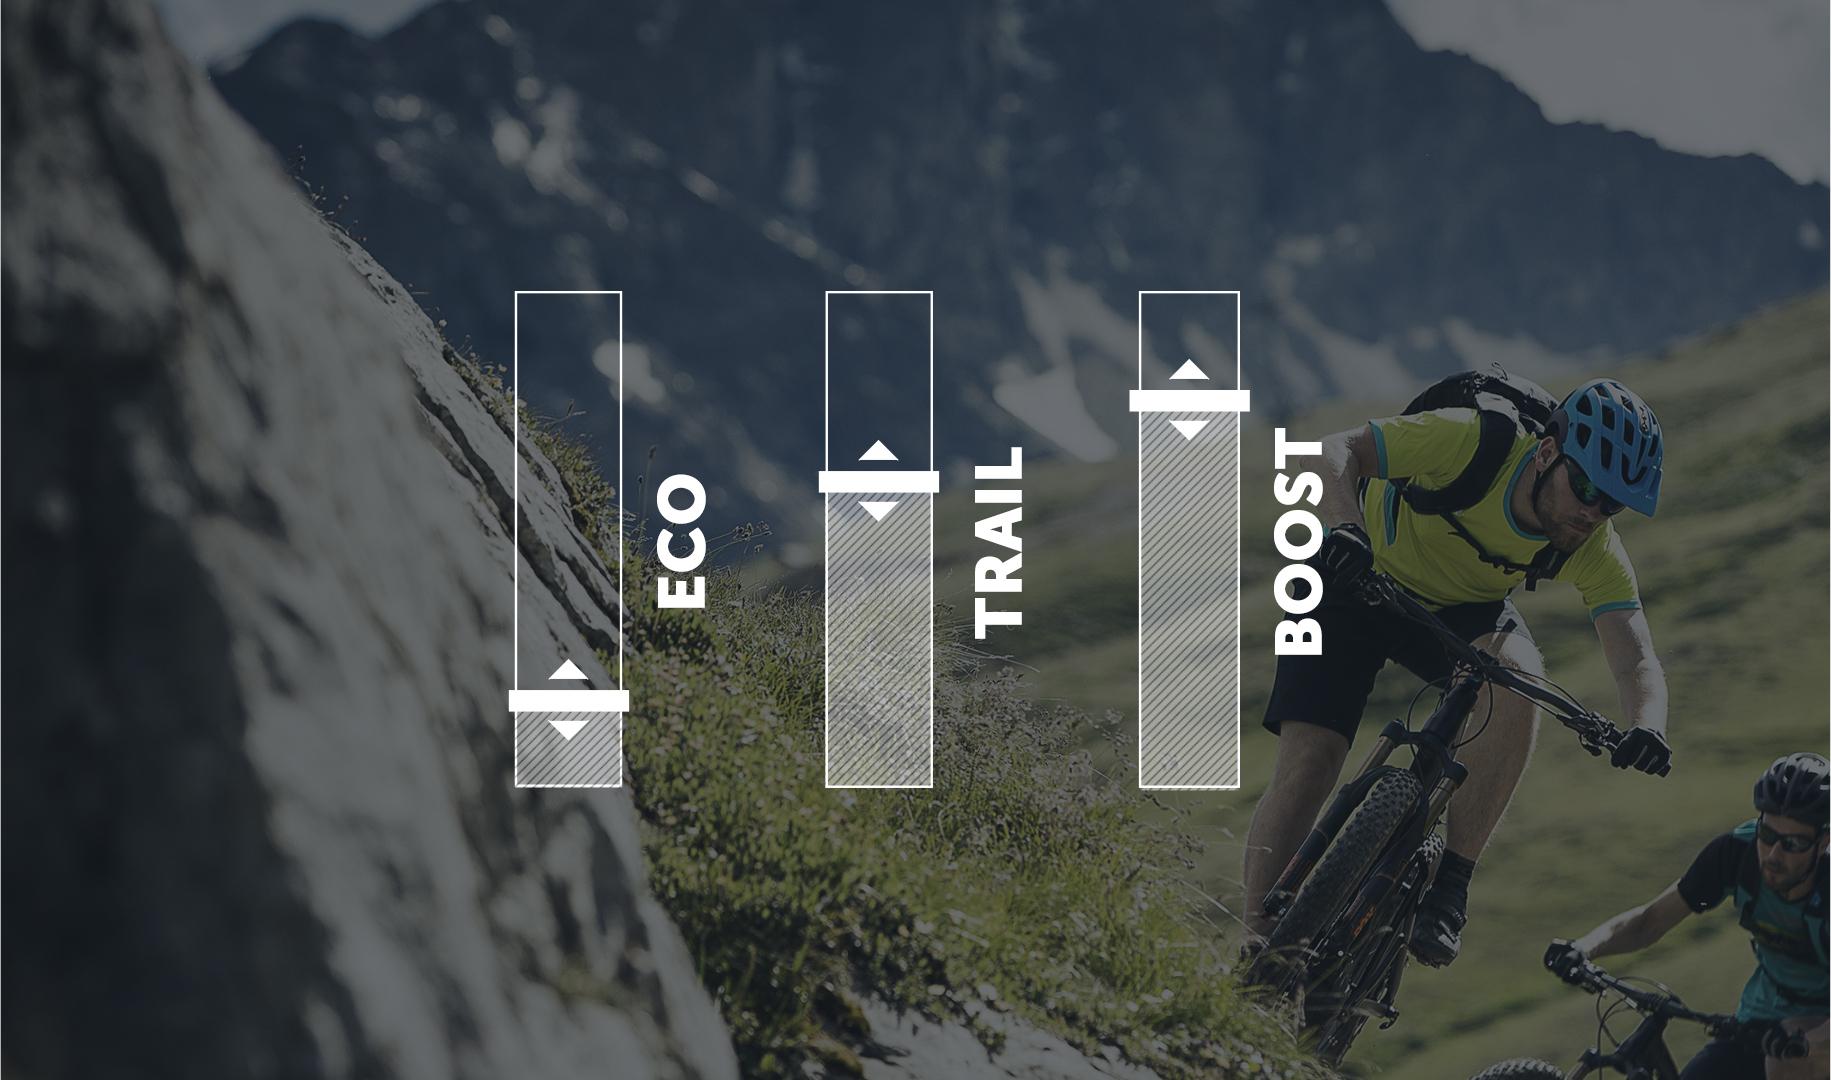 Shimano Steps eMTB - Eco update